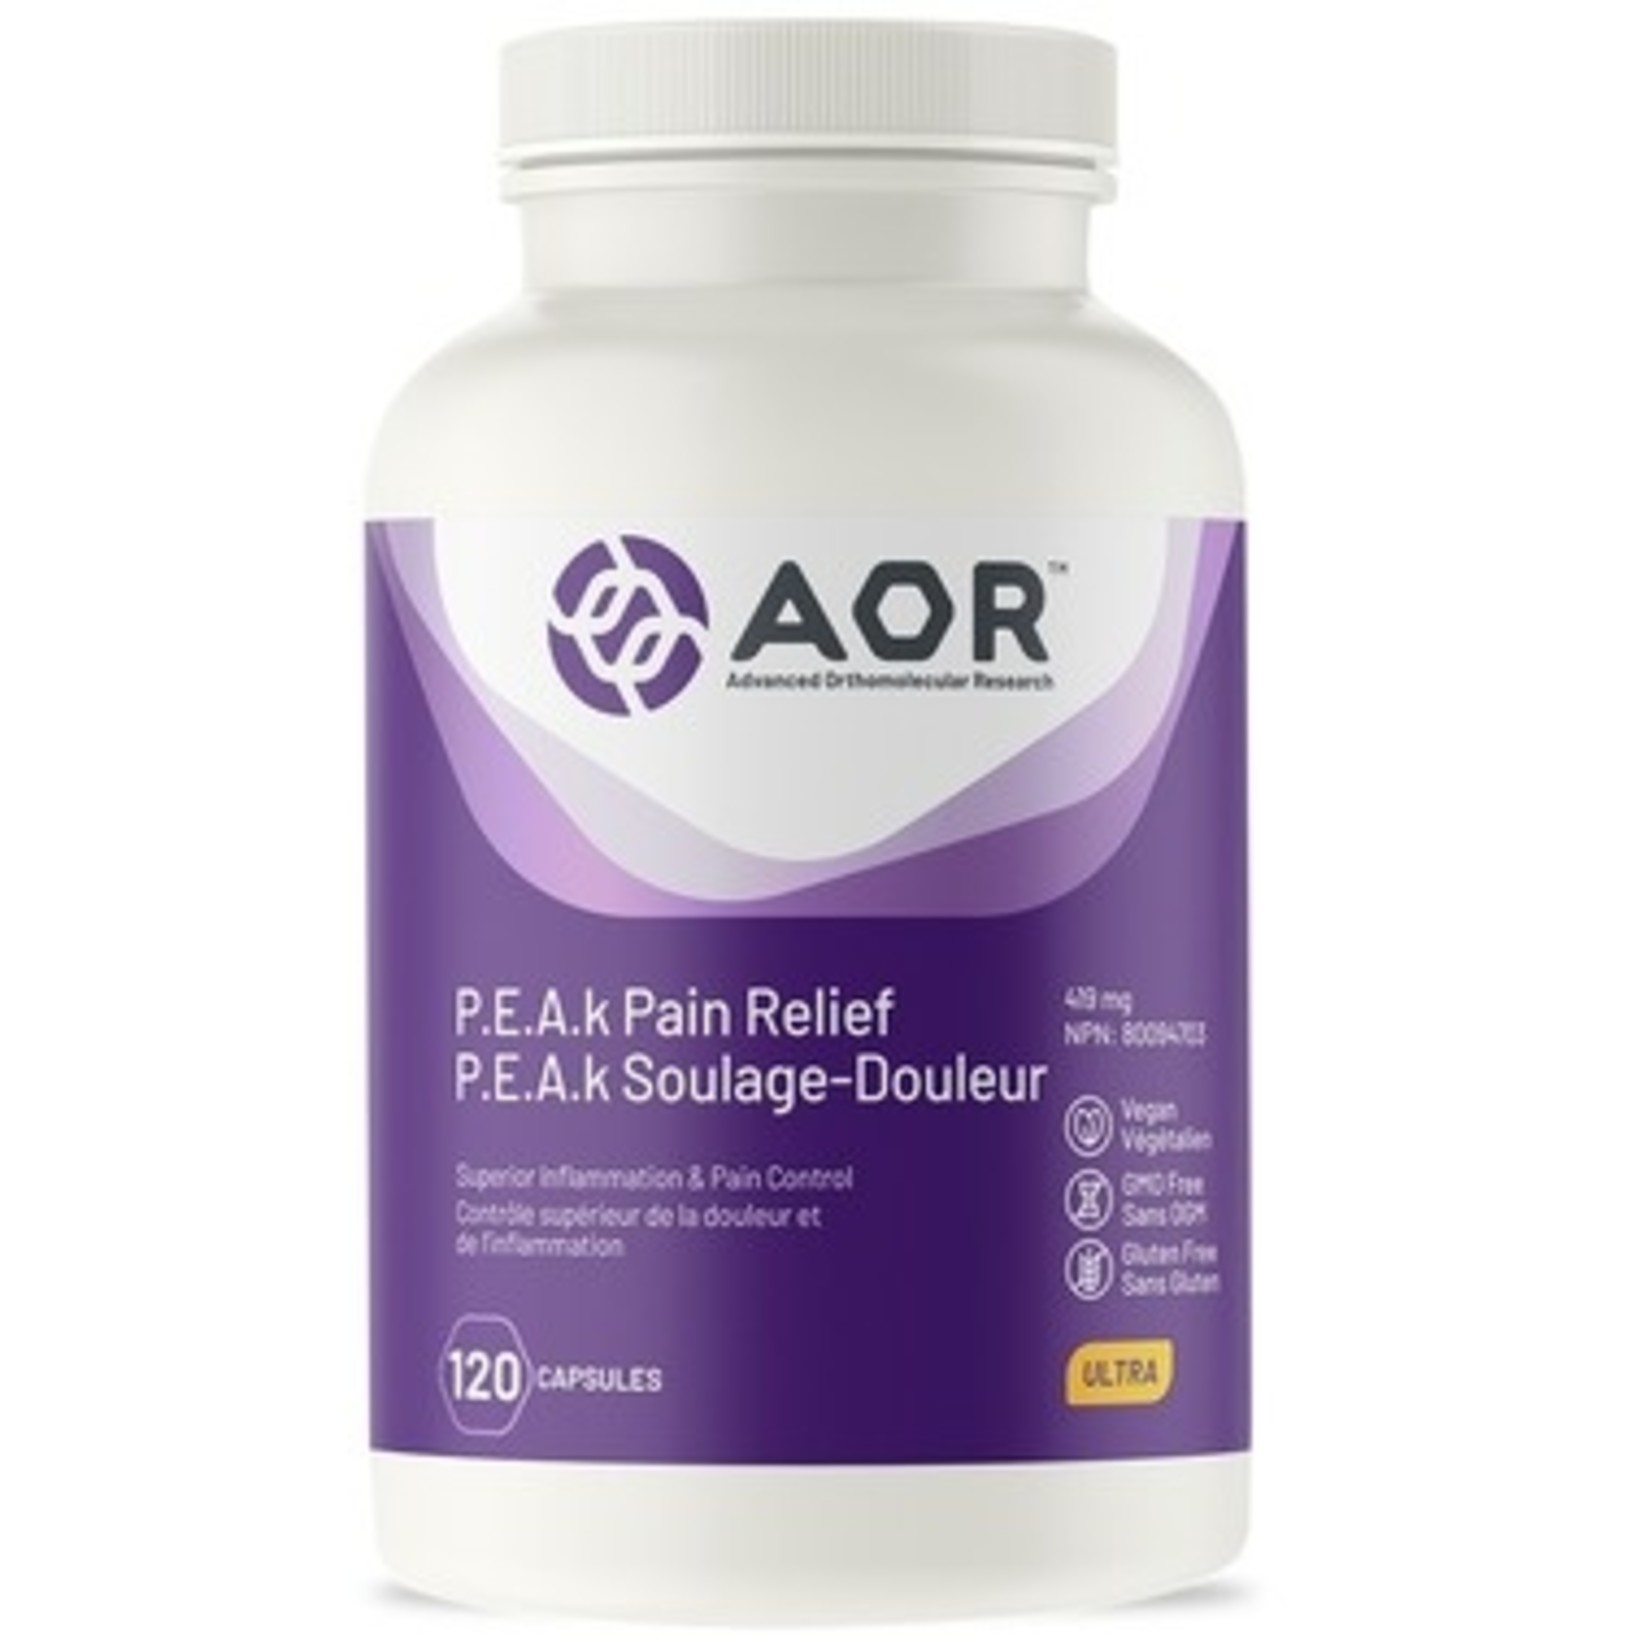 AOR P.E.A.k Pain Relief 120 caps